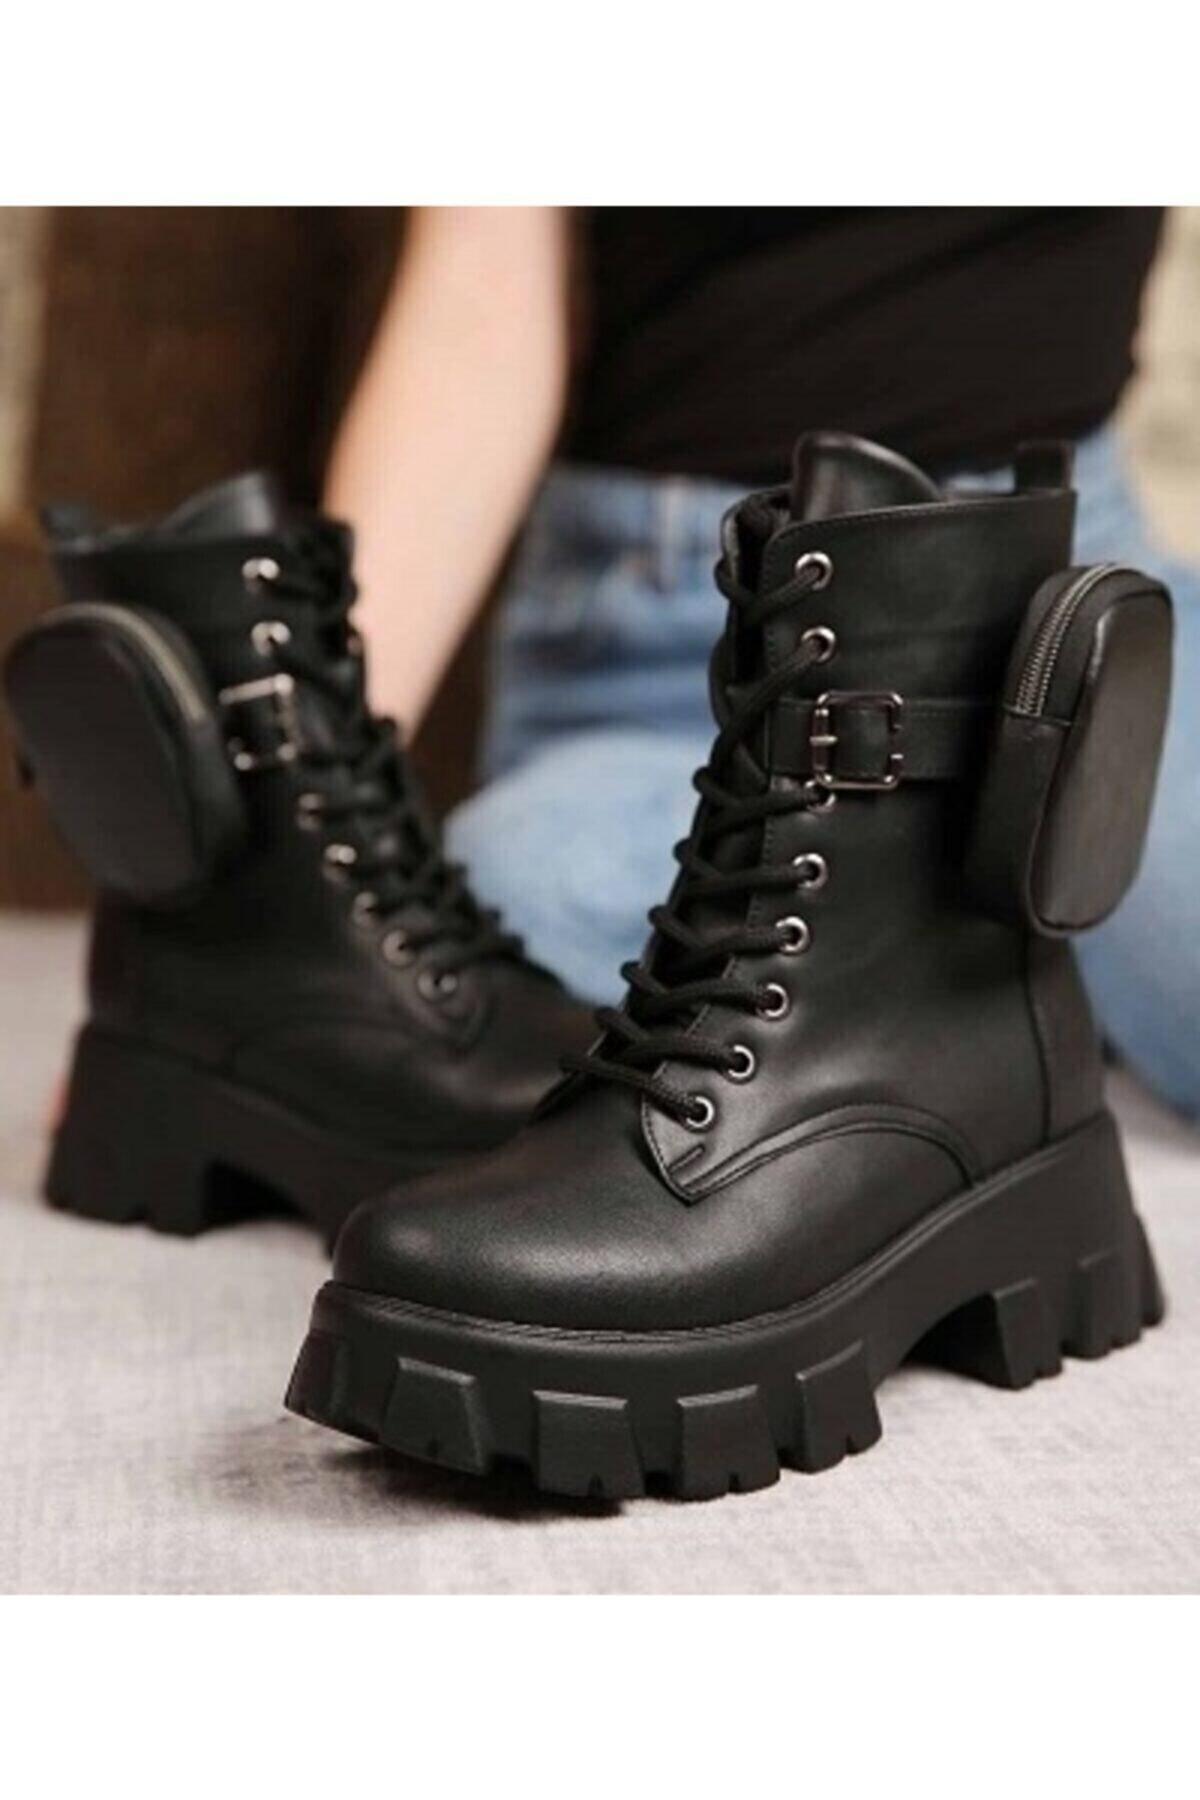 Öncerler Ayakkabı Kadın Siyah Cüzdanlı Bot 2